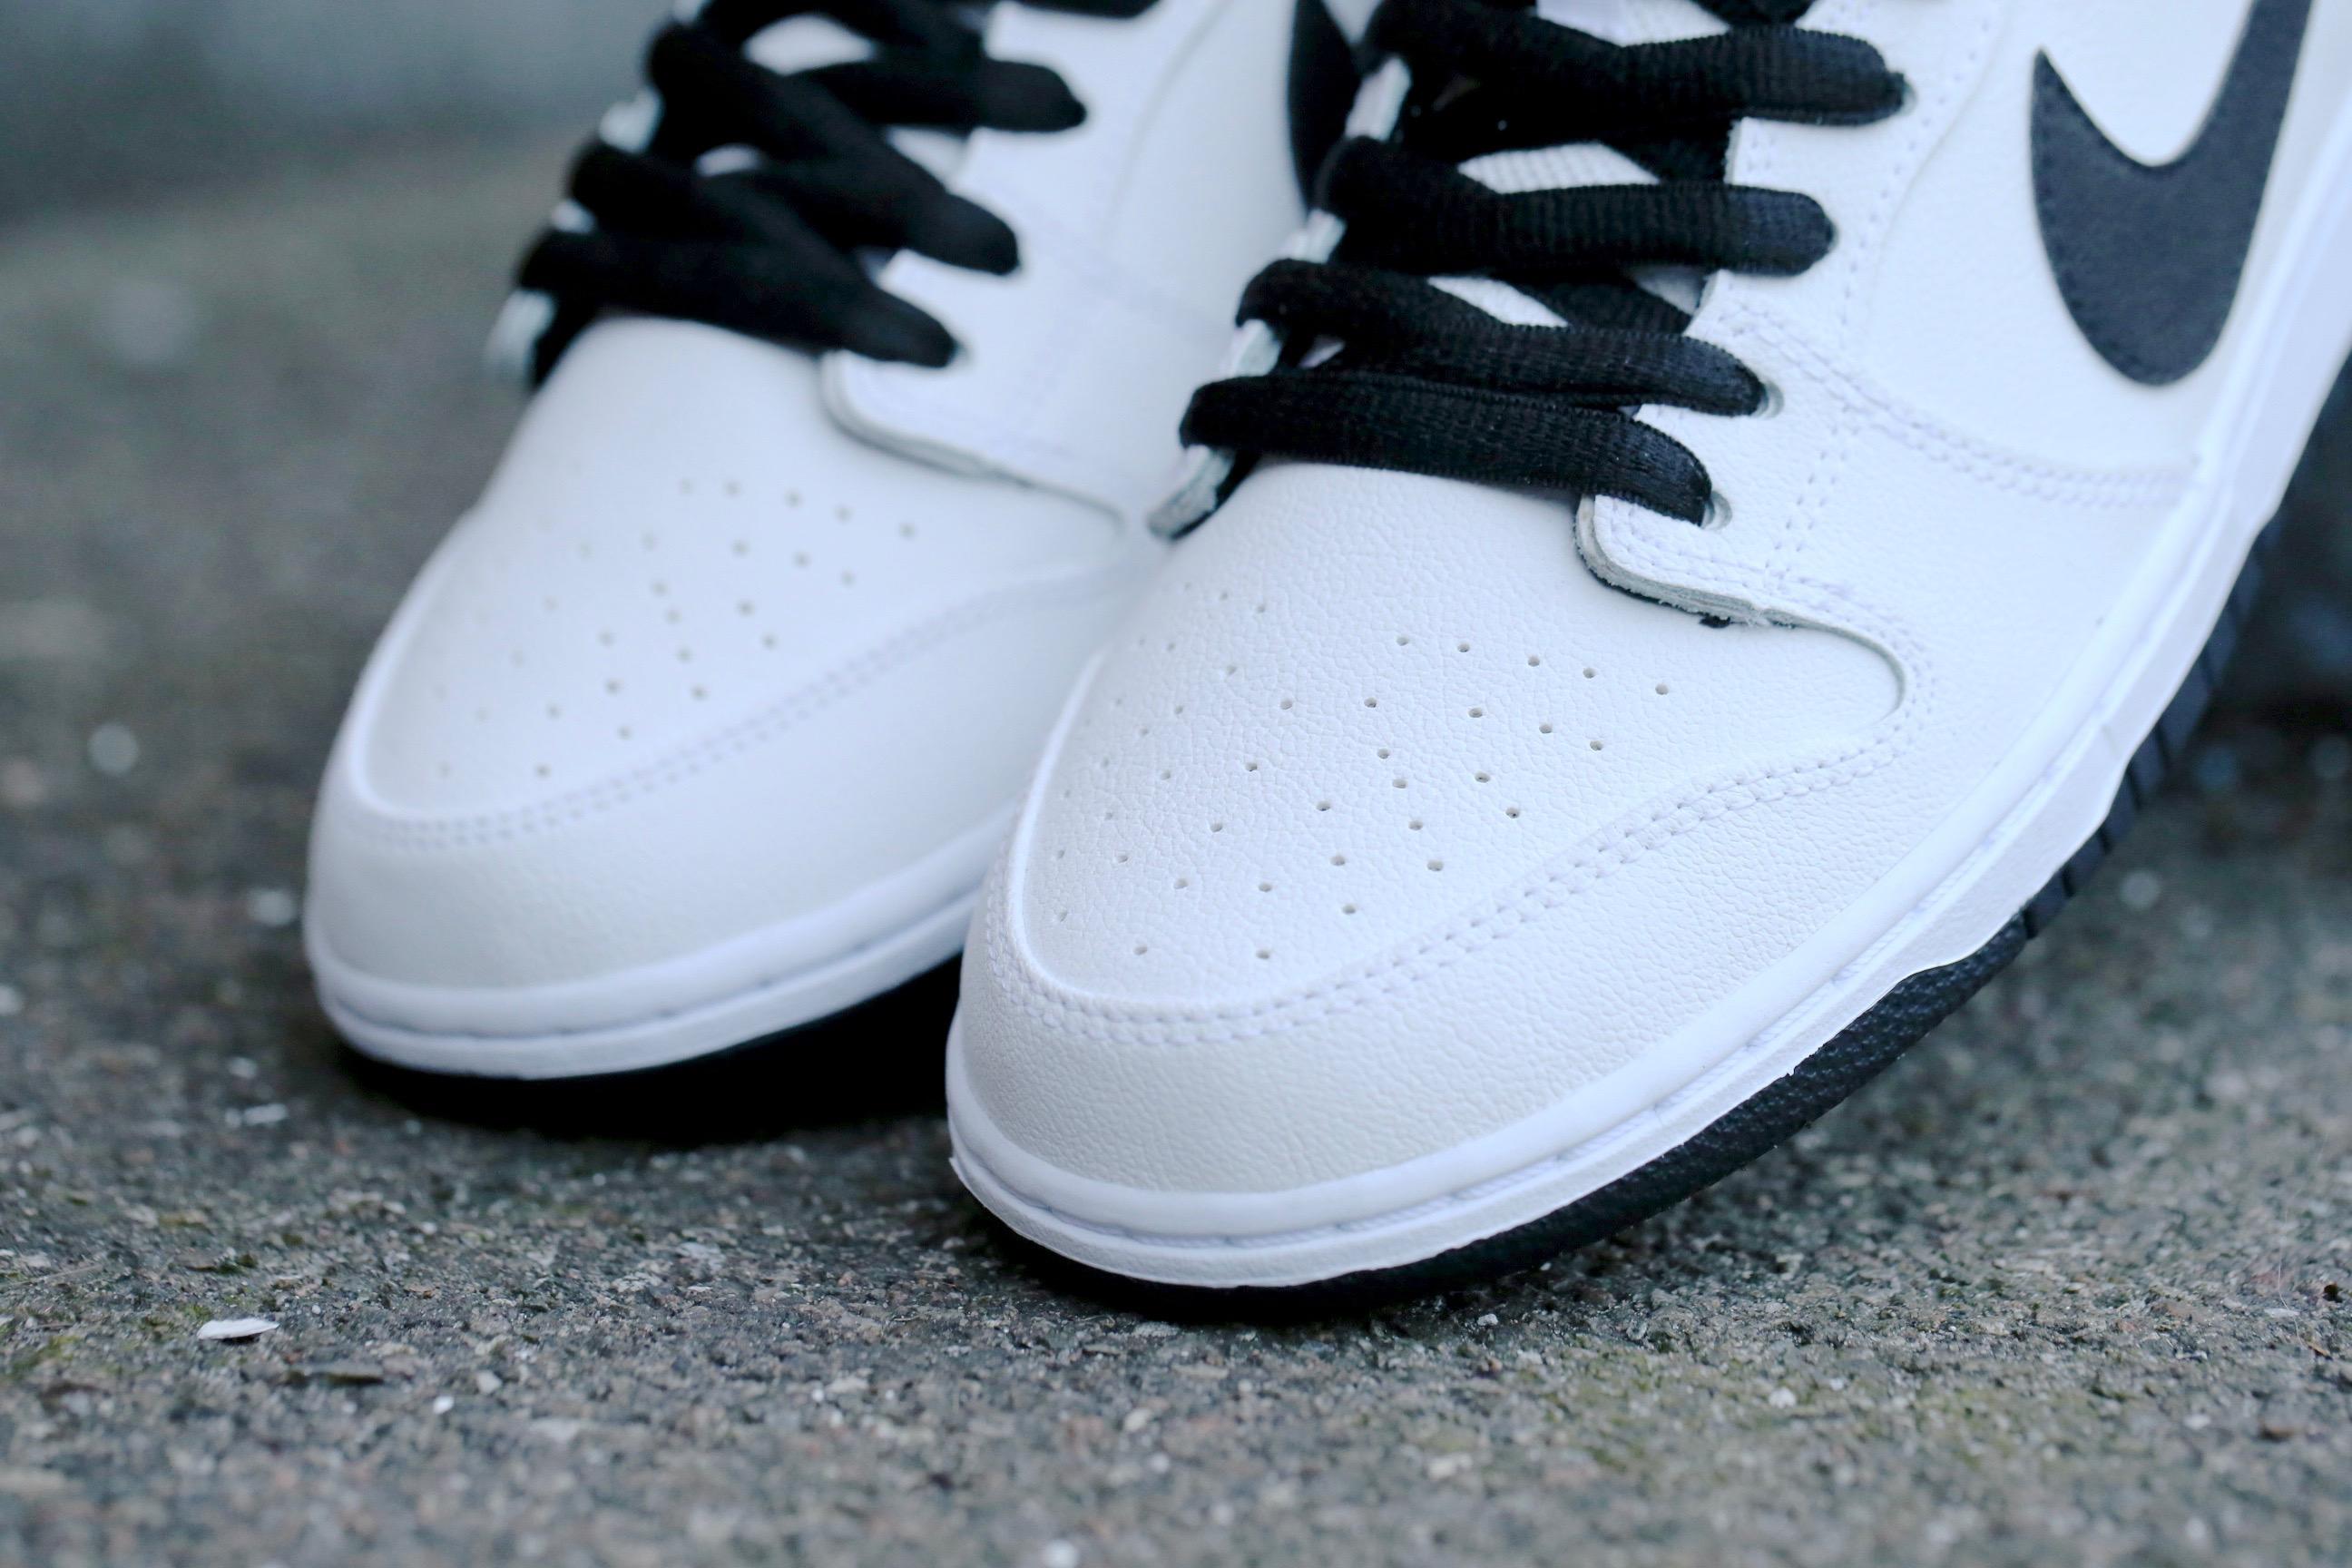 Nike Sb Dunk Lav Pro Ishod Wair Qsi tc1FrwjETL